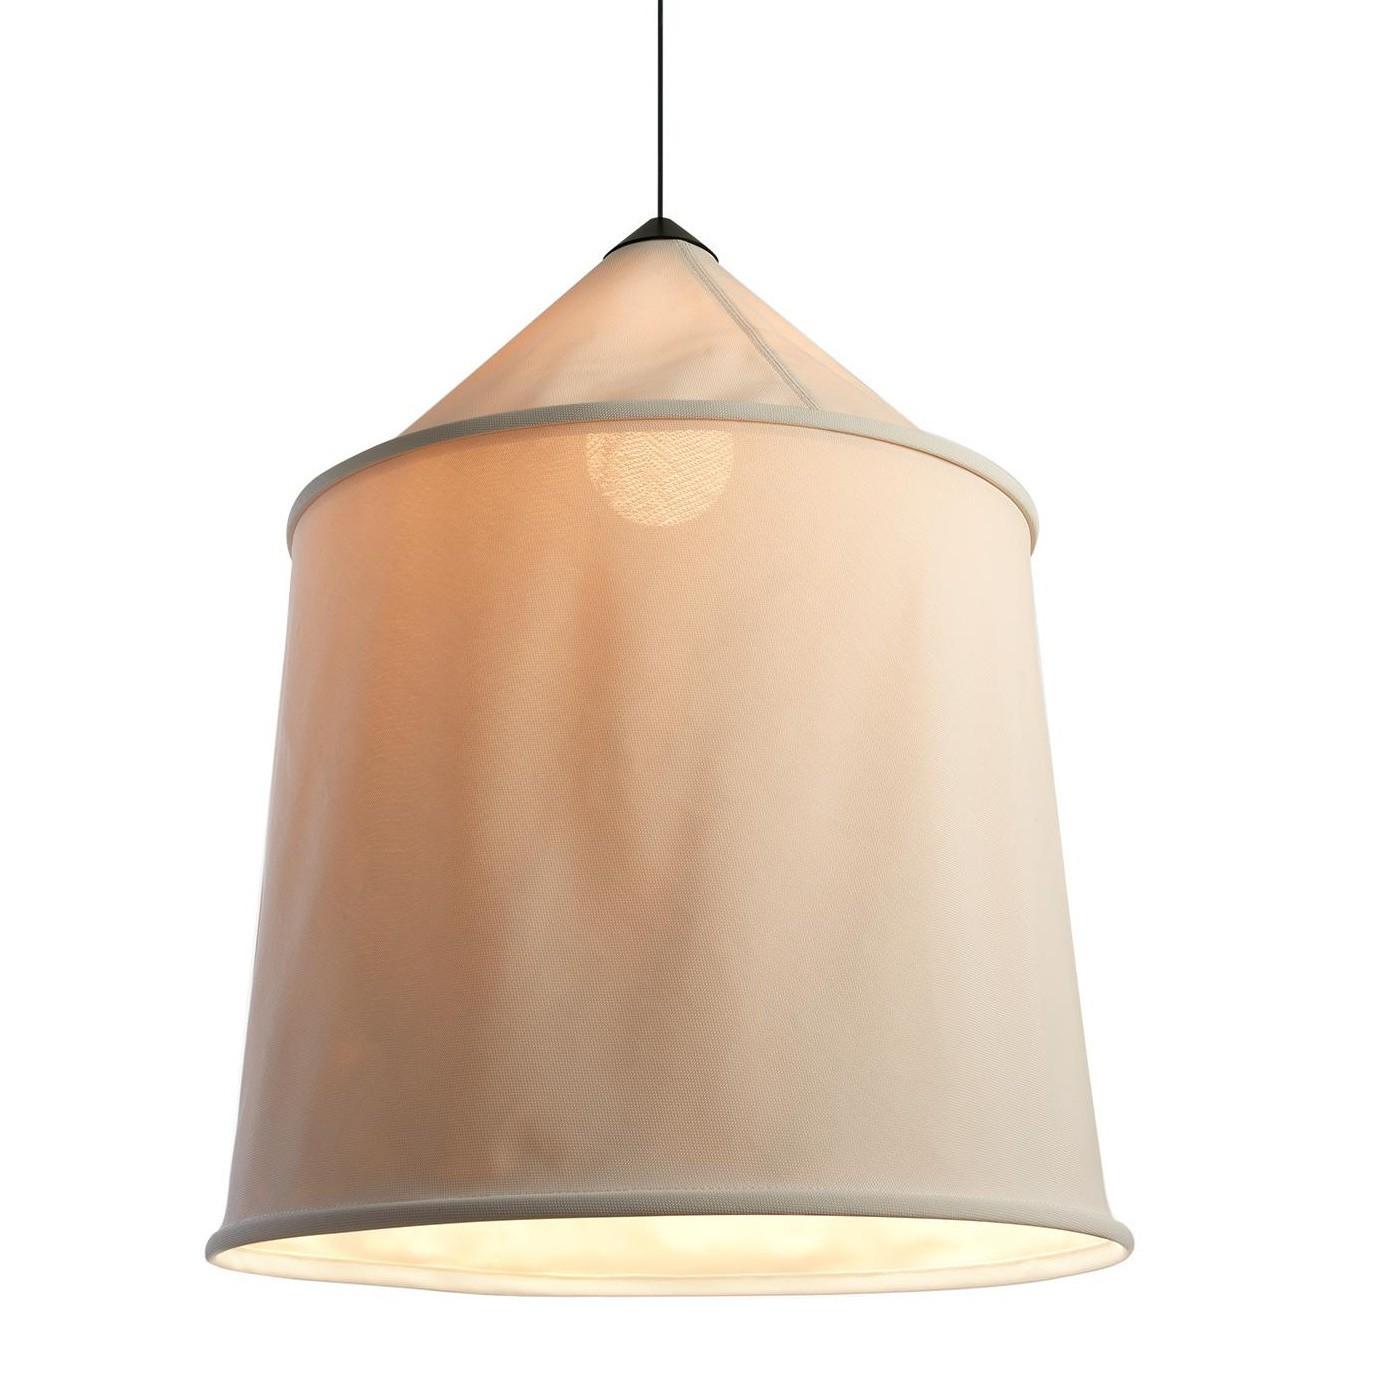 71 de de Jaima suspensión suspensión Lámpara Lámpara 2YWIH9DeE